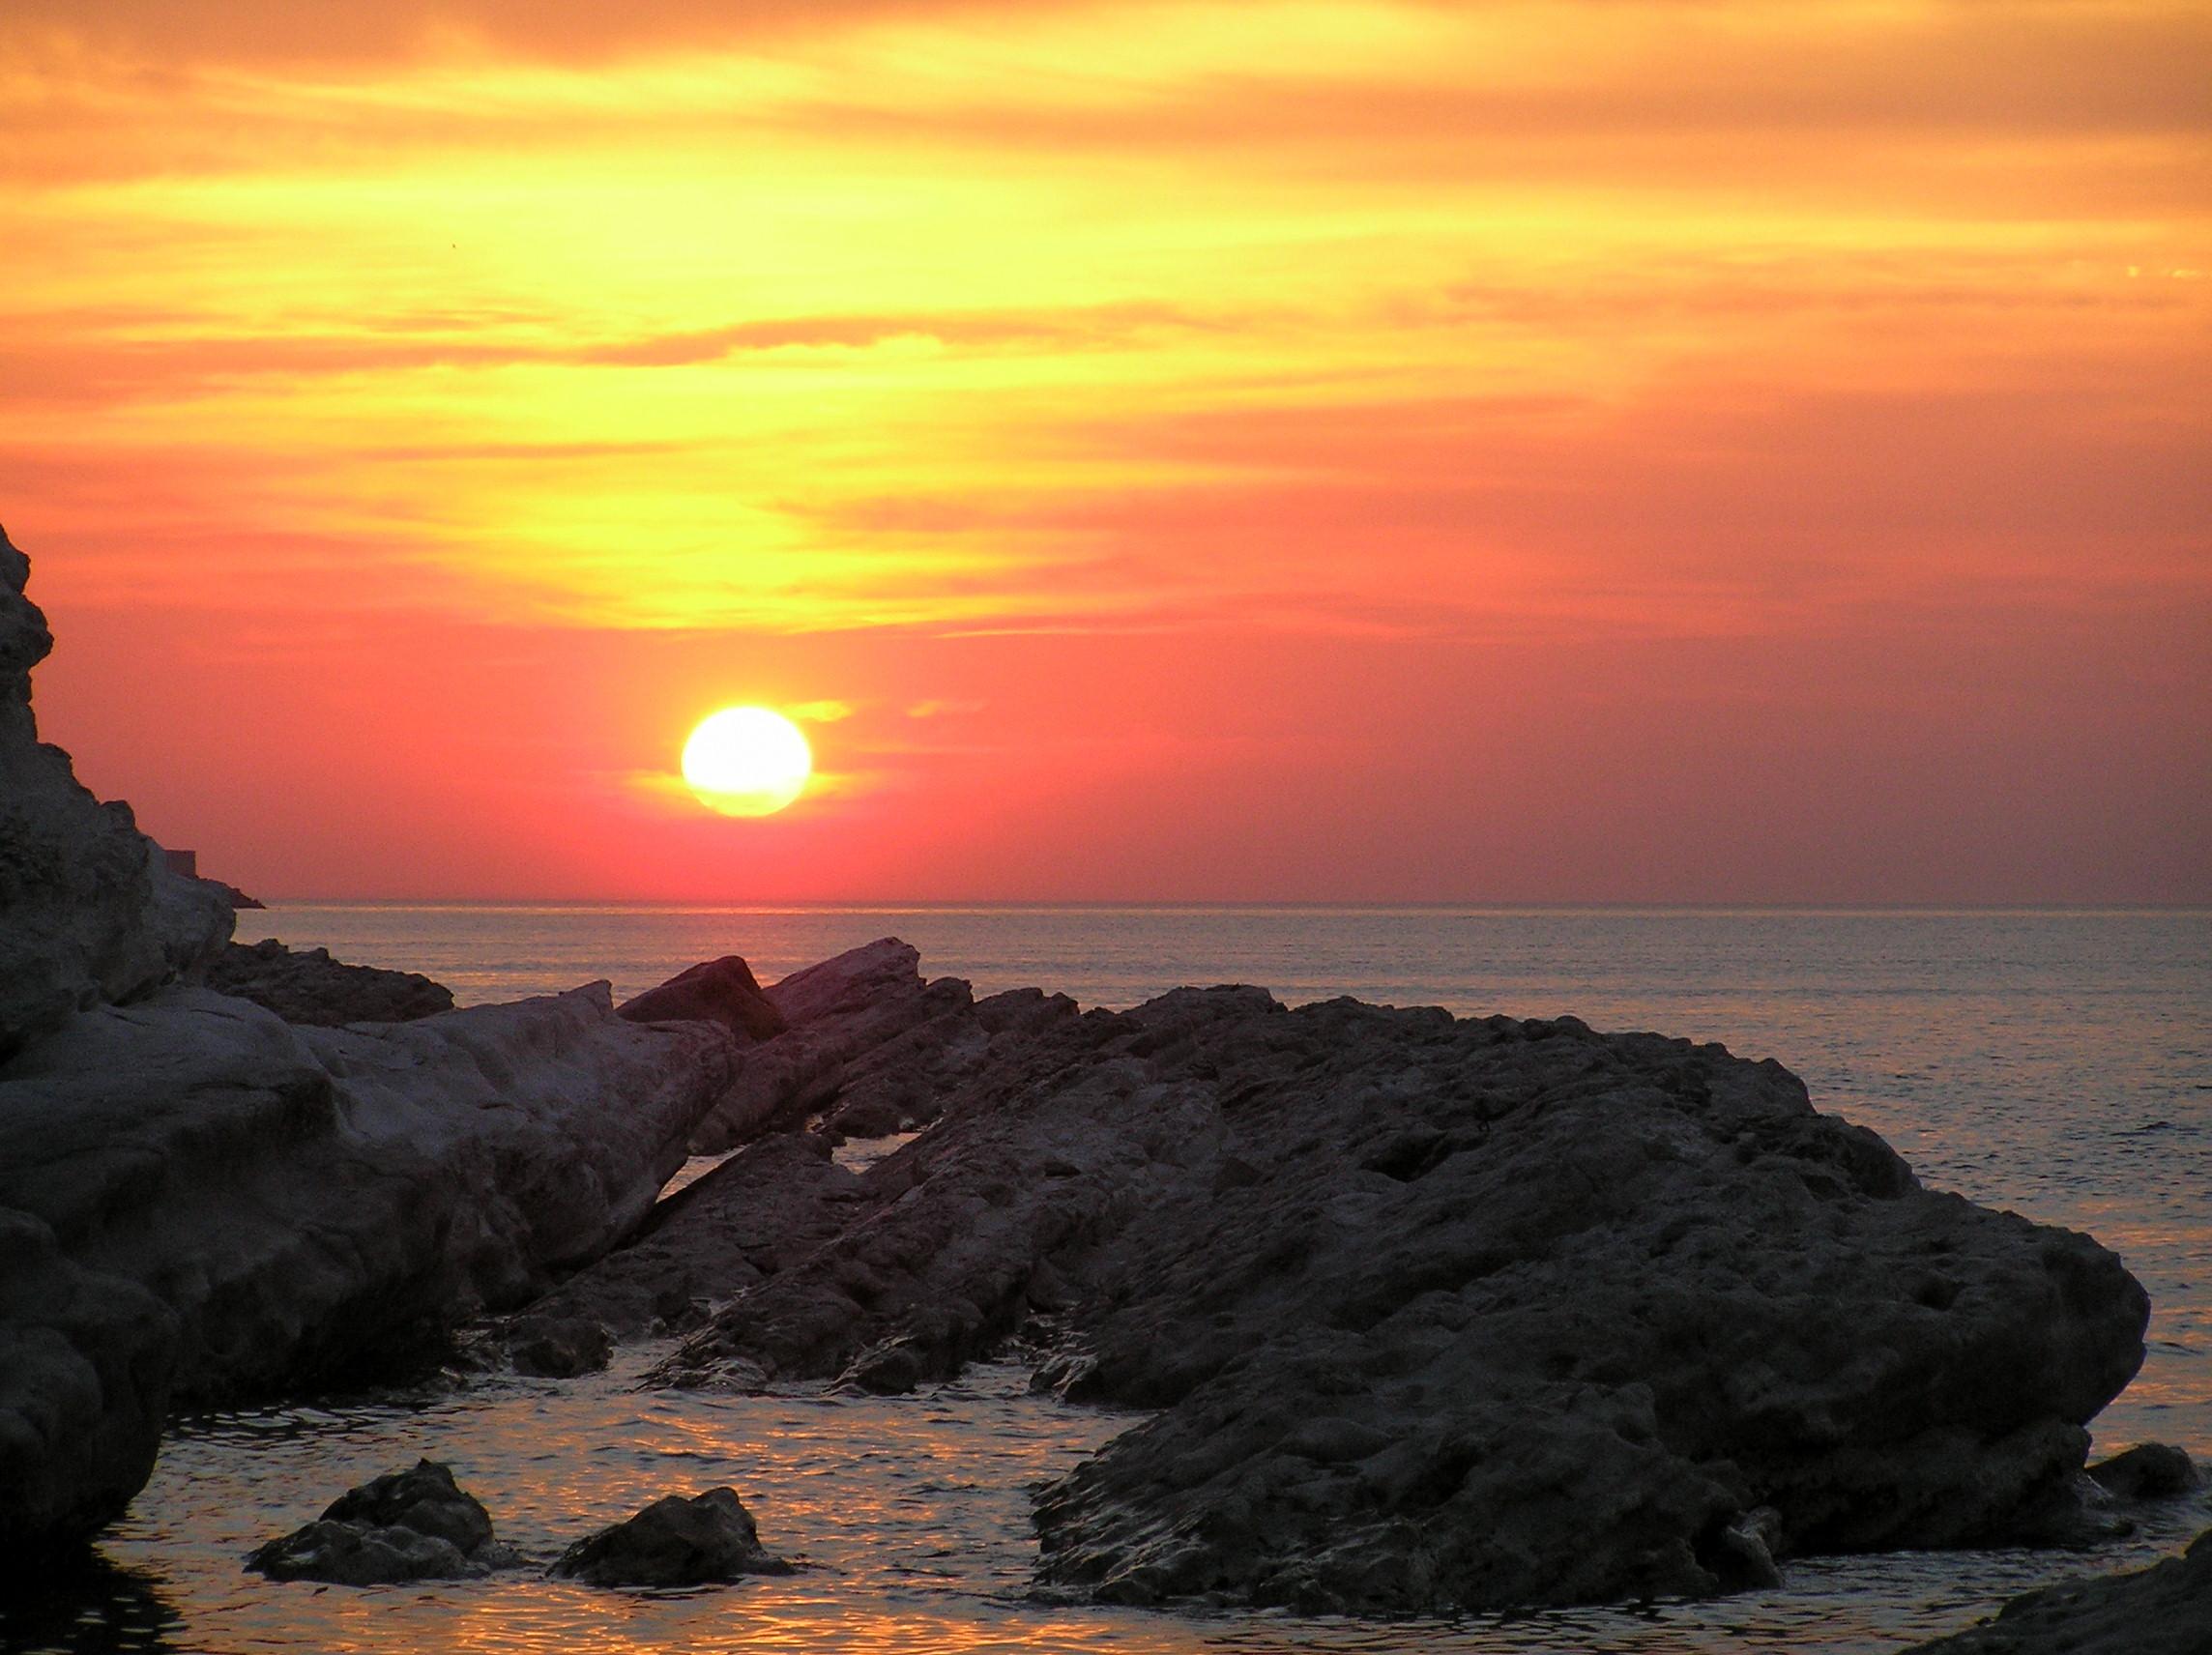 Estremamente File:Ancona - tramonto sul mare al Passetto - giugno 2005.JPG  YI59